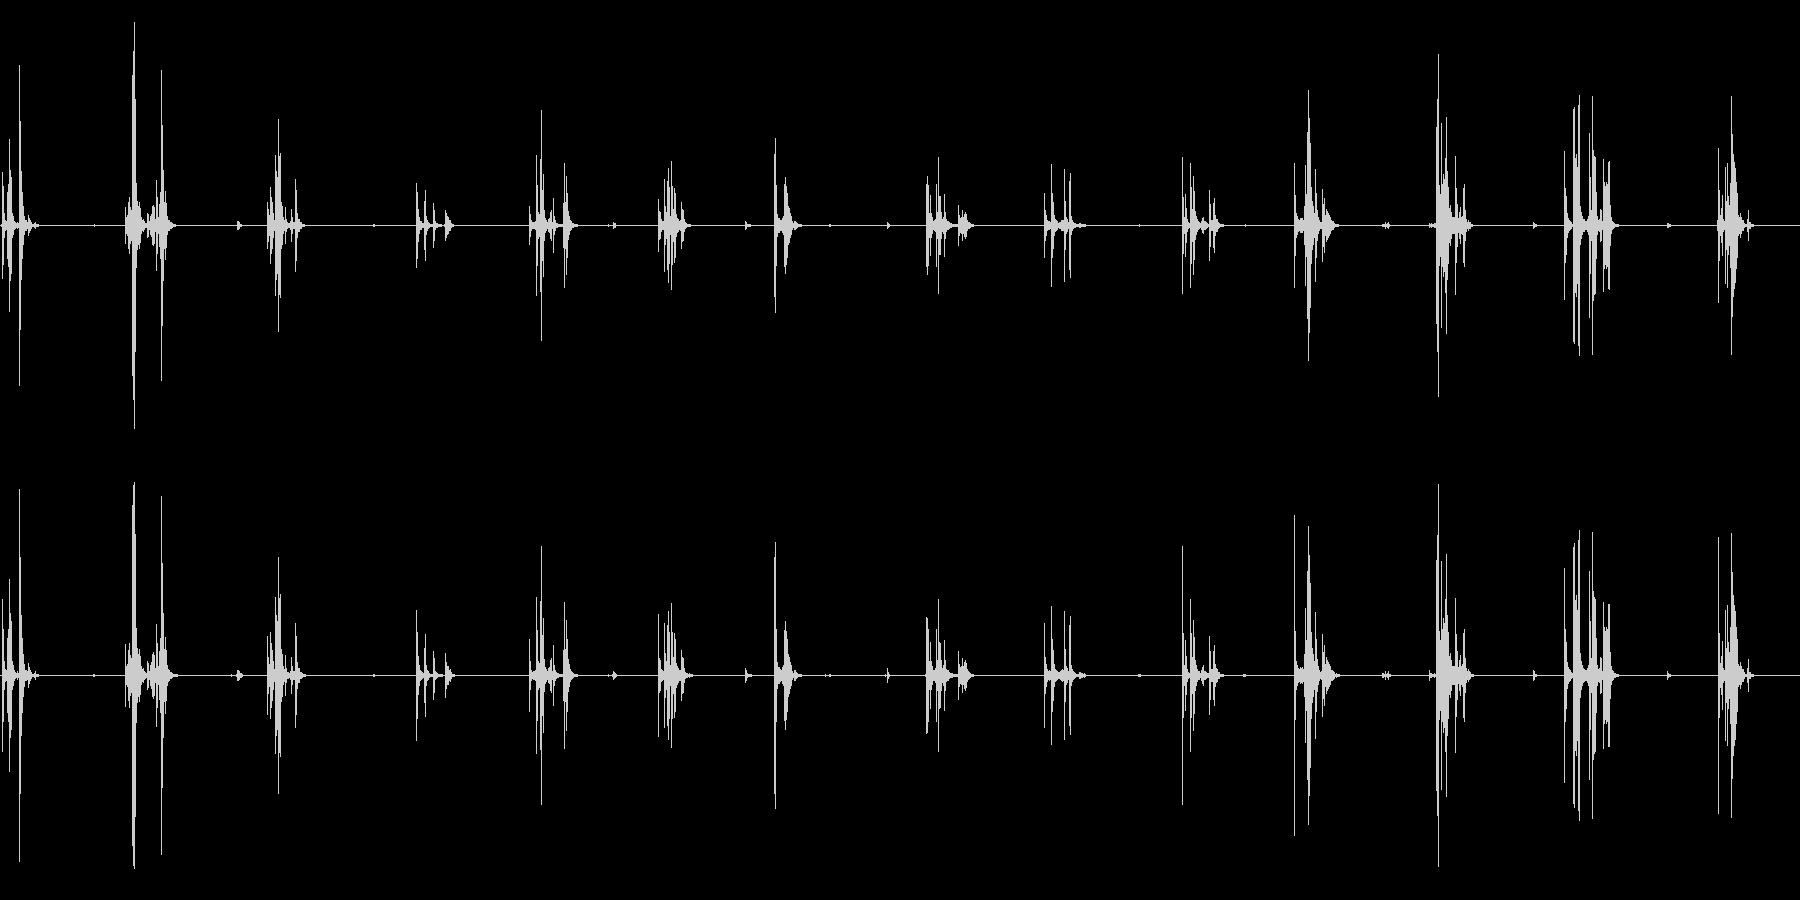 シンク、フォリーのスタックディスクの未再生の波形